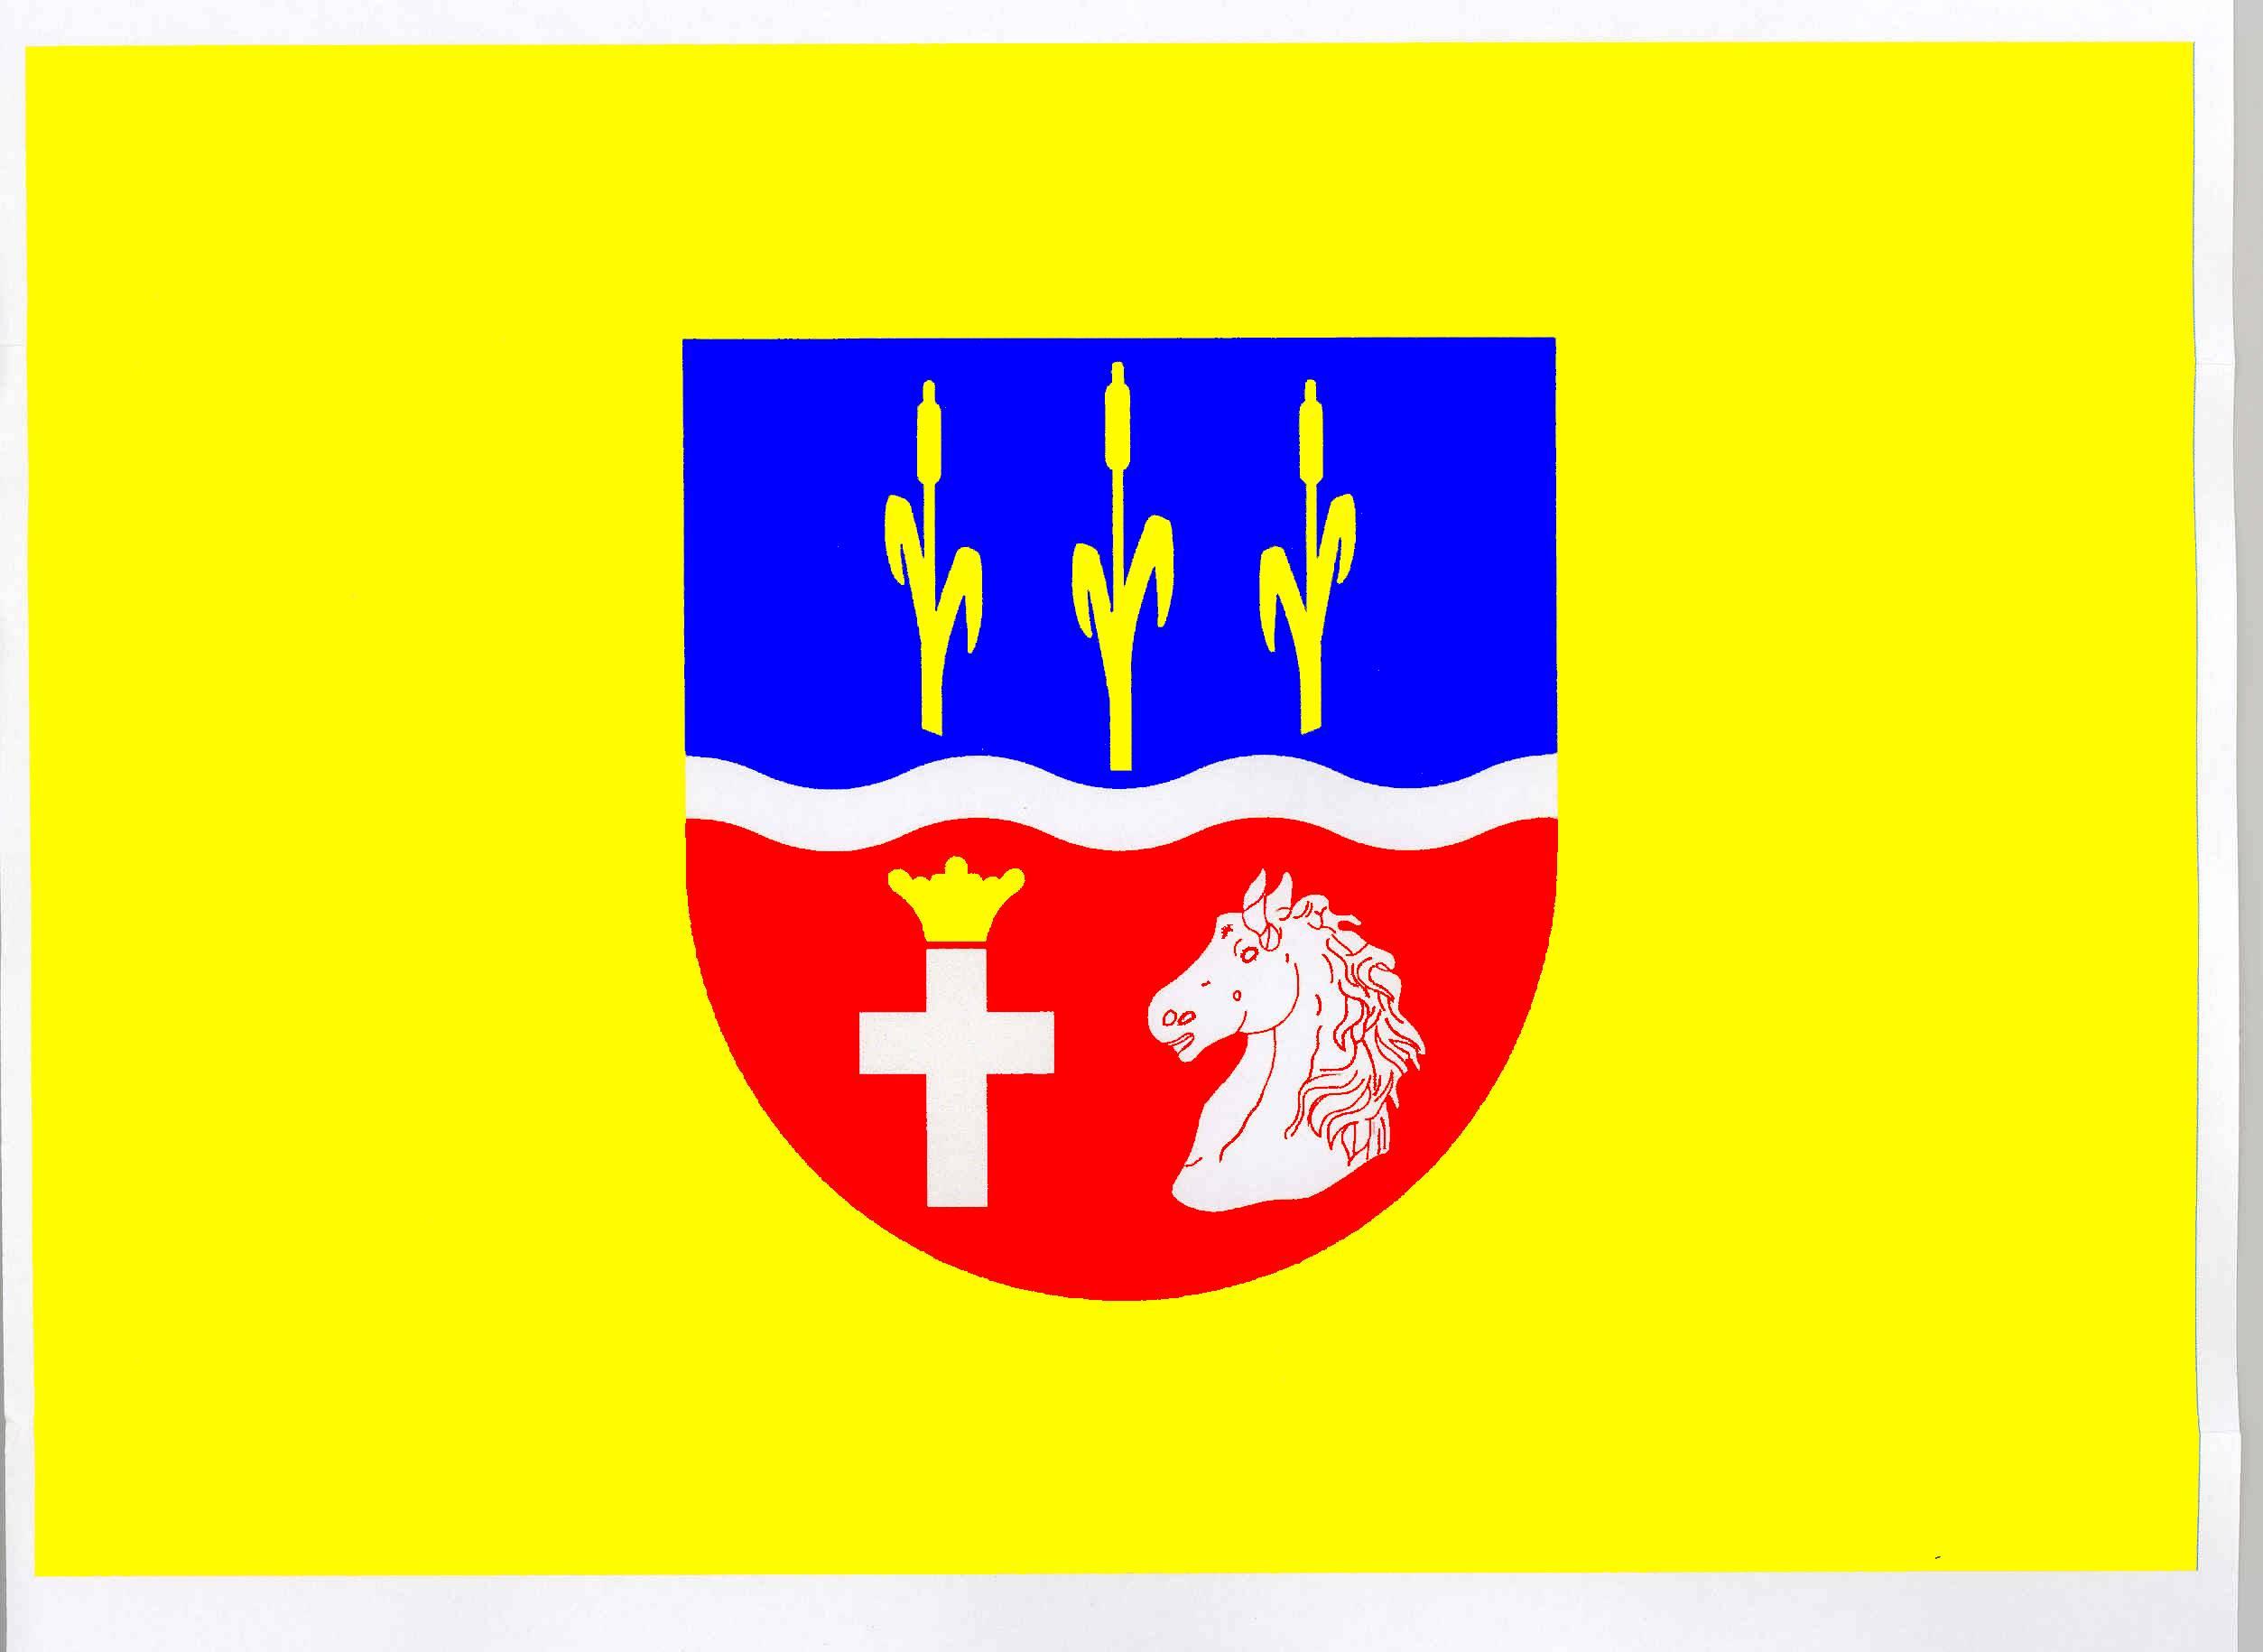 Flagge GemeindeZiethen, Kreis Herzogtum Lauenburg